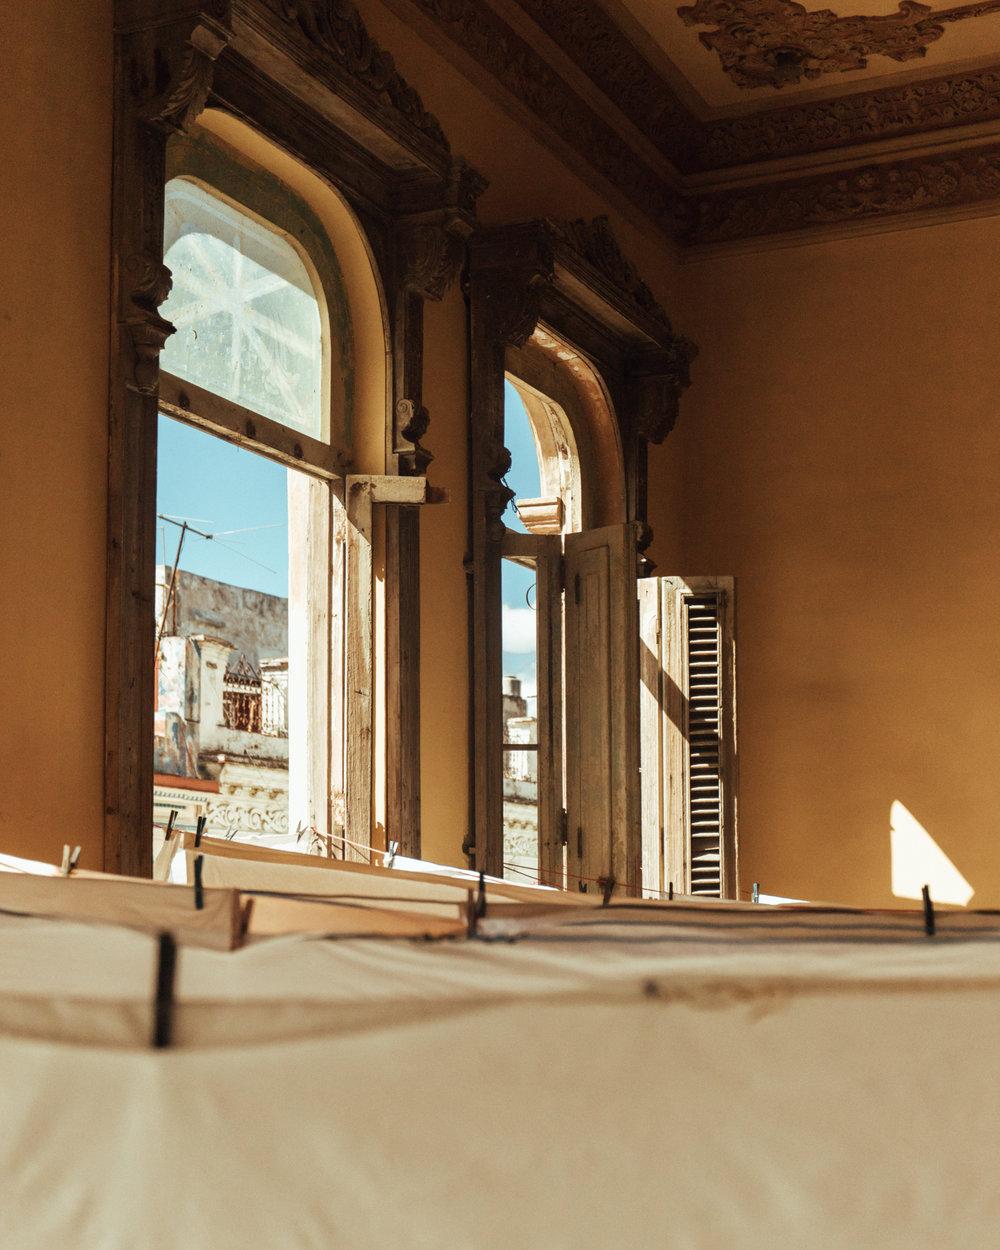 Postcards_From_Cuba_Javi_visits_Hotel_weekend13.jpg